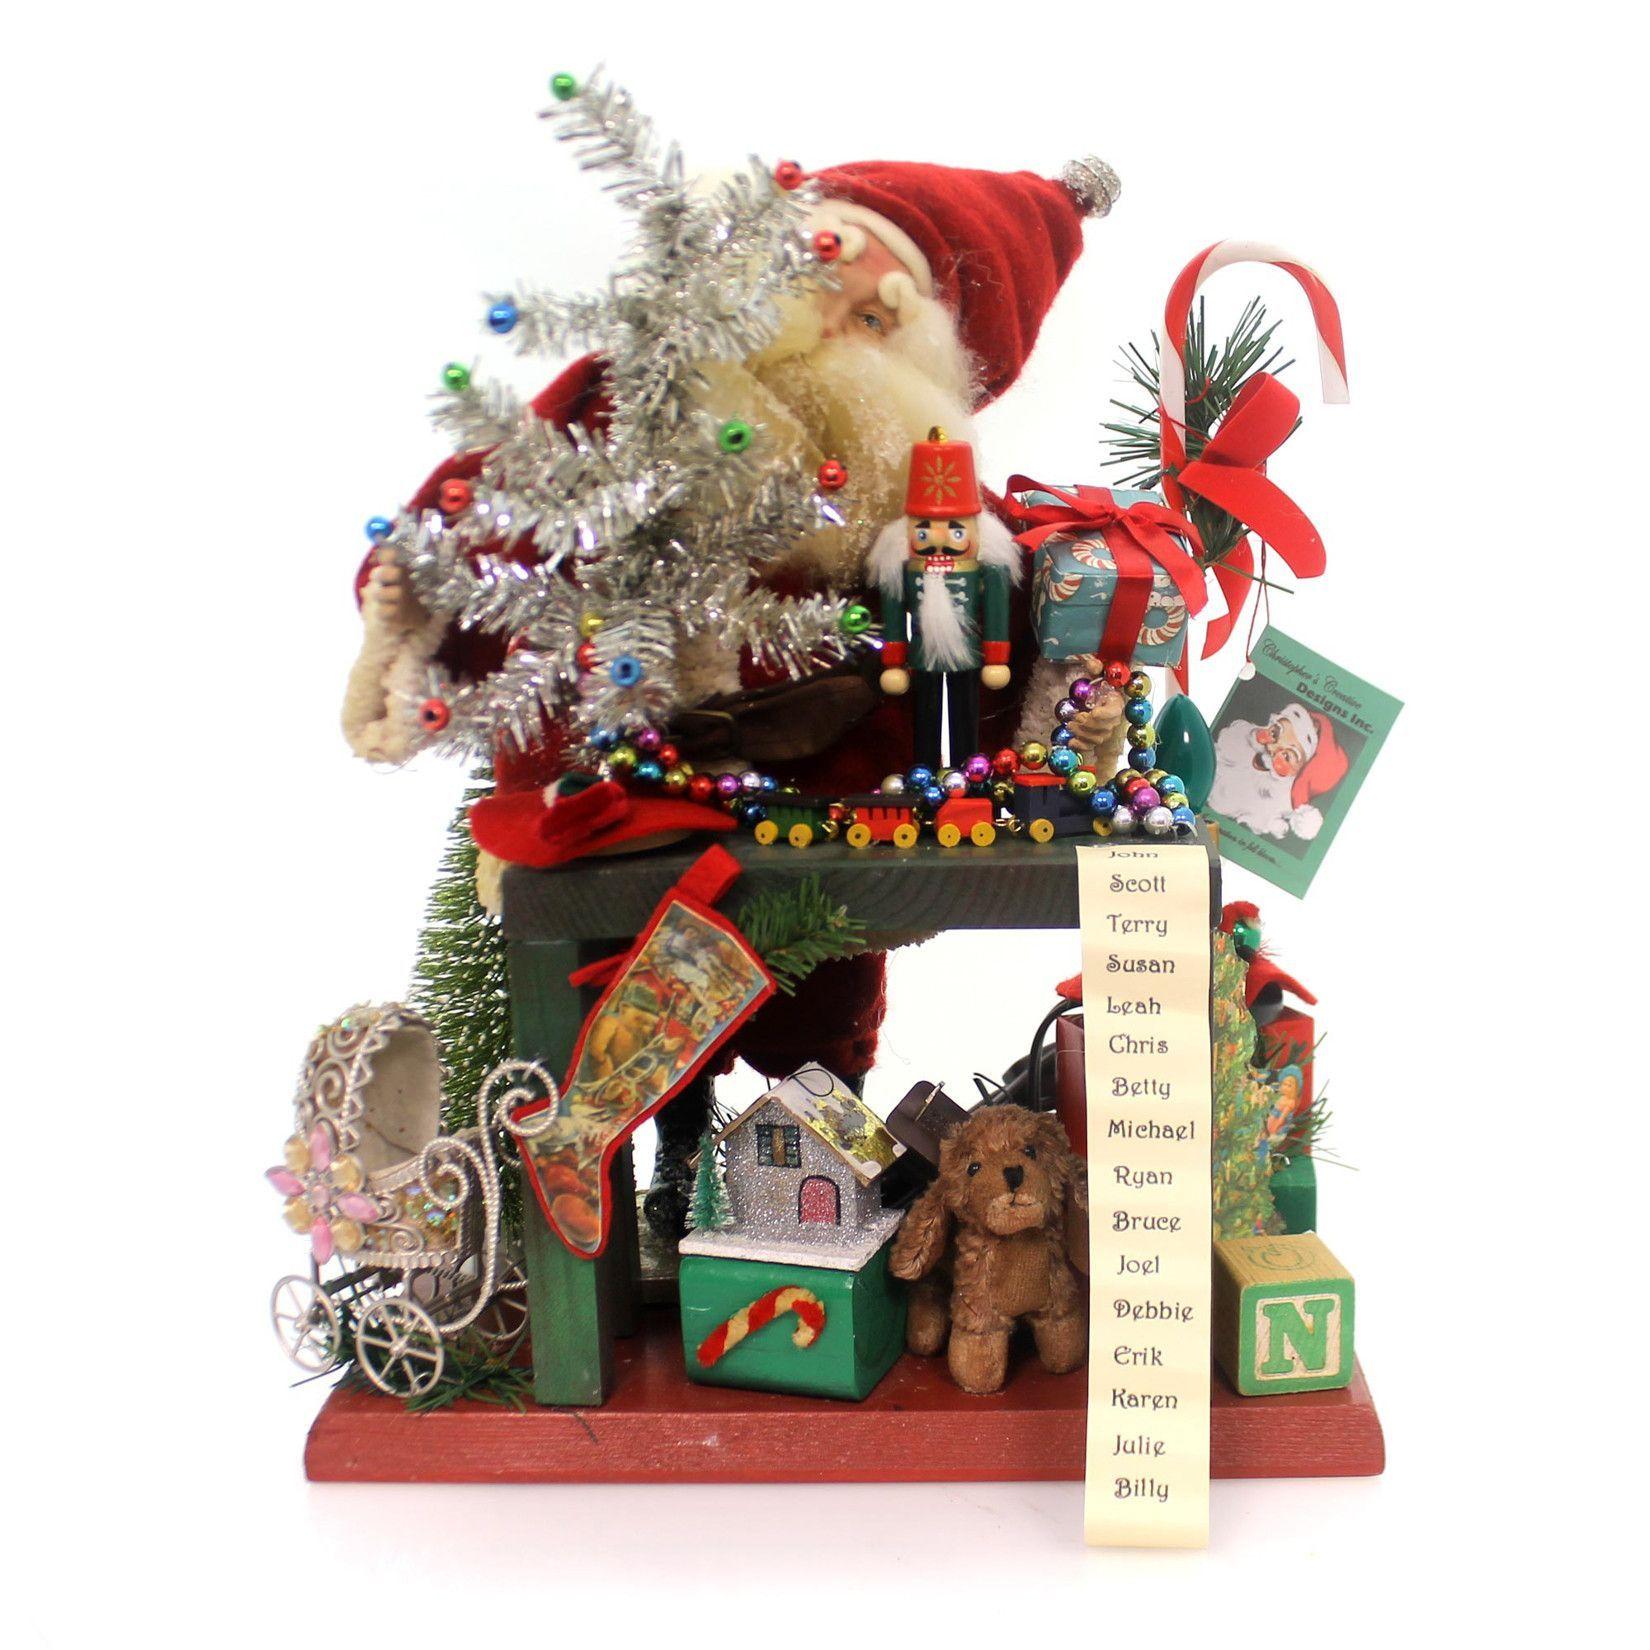 Christmas Santa Workshop With Light Christmas Decor